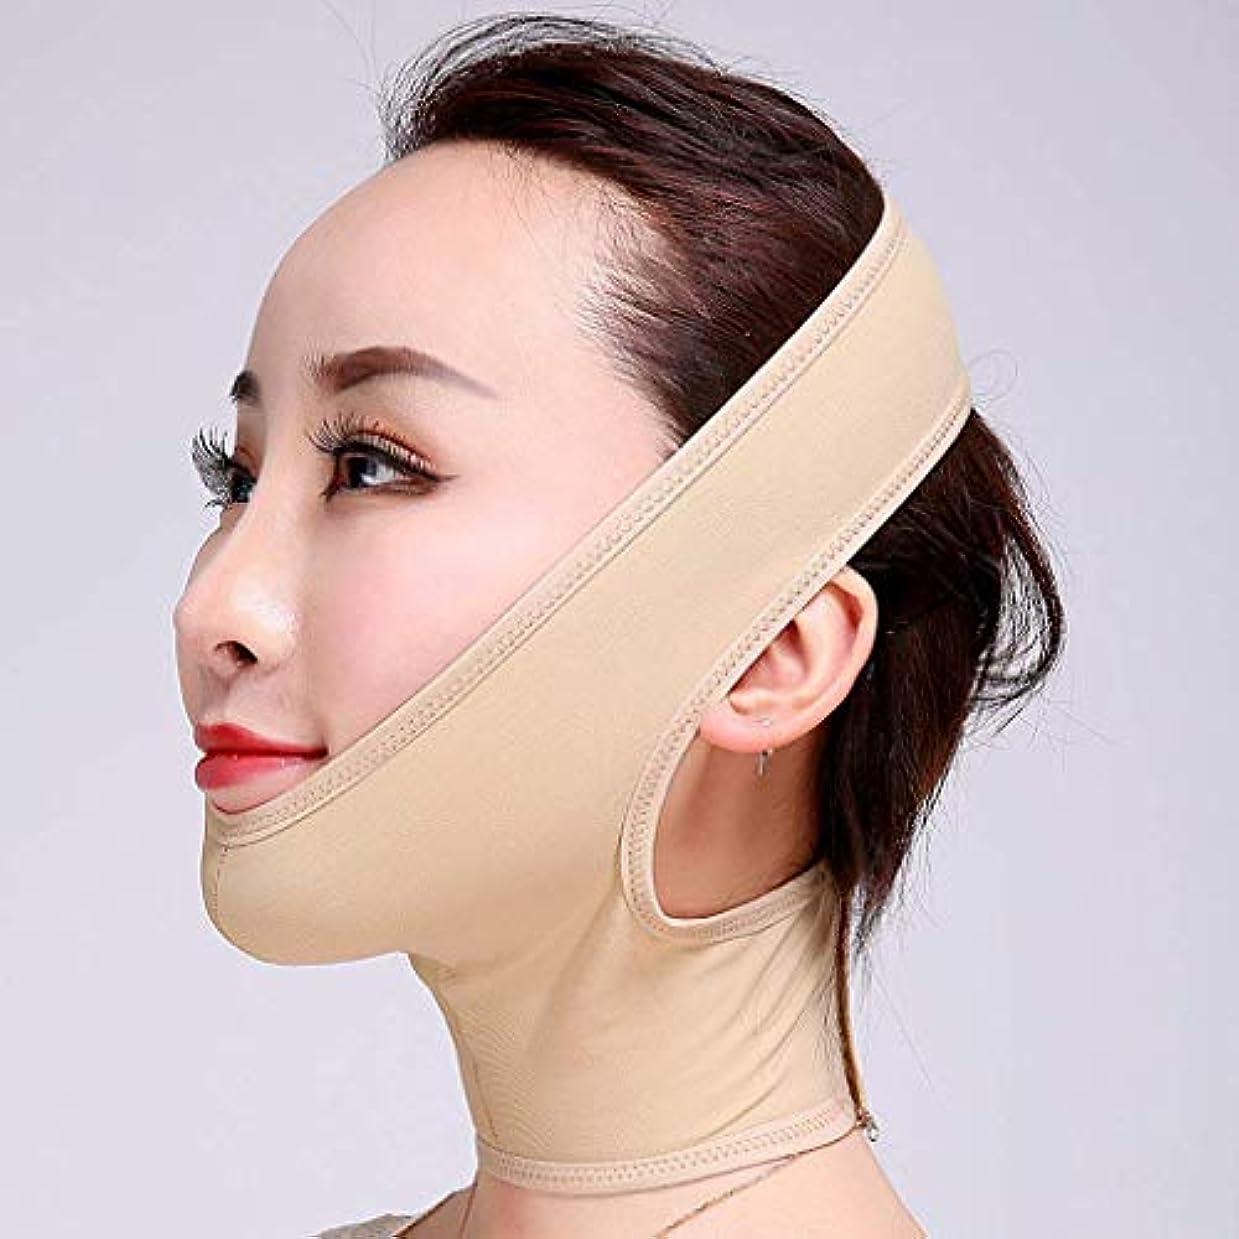 フリル宿るバングラデシュフェイススリミングマスク、リフトチンVフェイスベルトフェイスリフト包帯フェイスリフティングアーティファクトフェイスフェイスリフティング楽器フルフェイスリフトチークスリム、スキンカラー、XL (M)